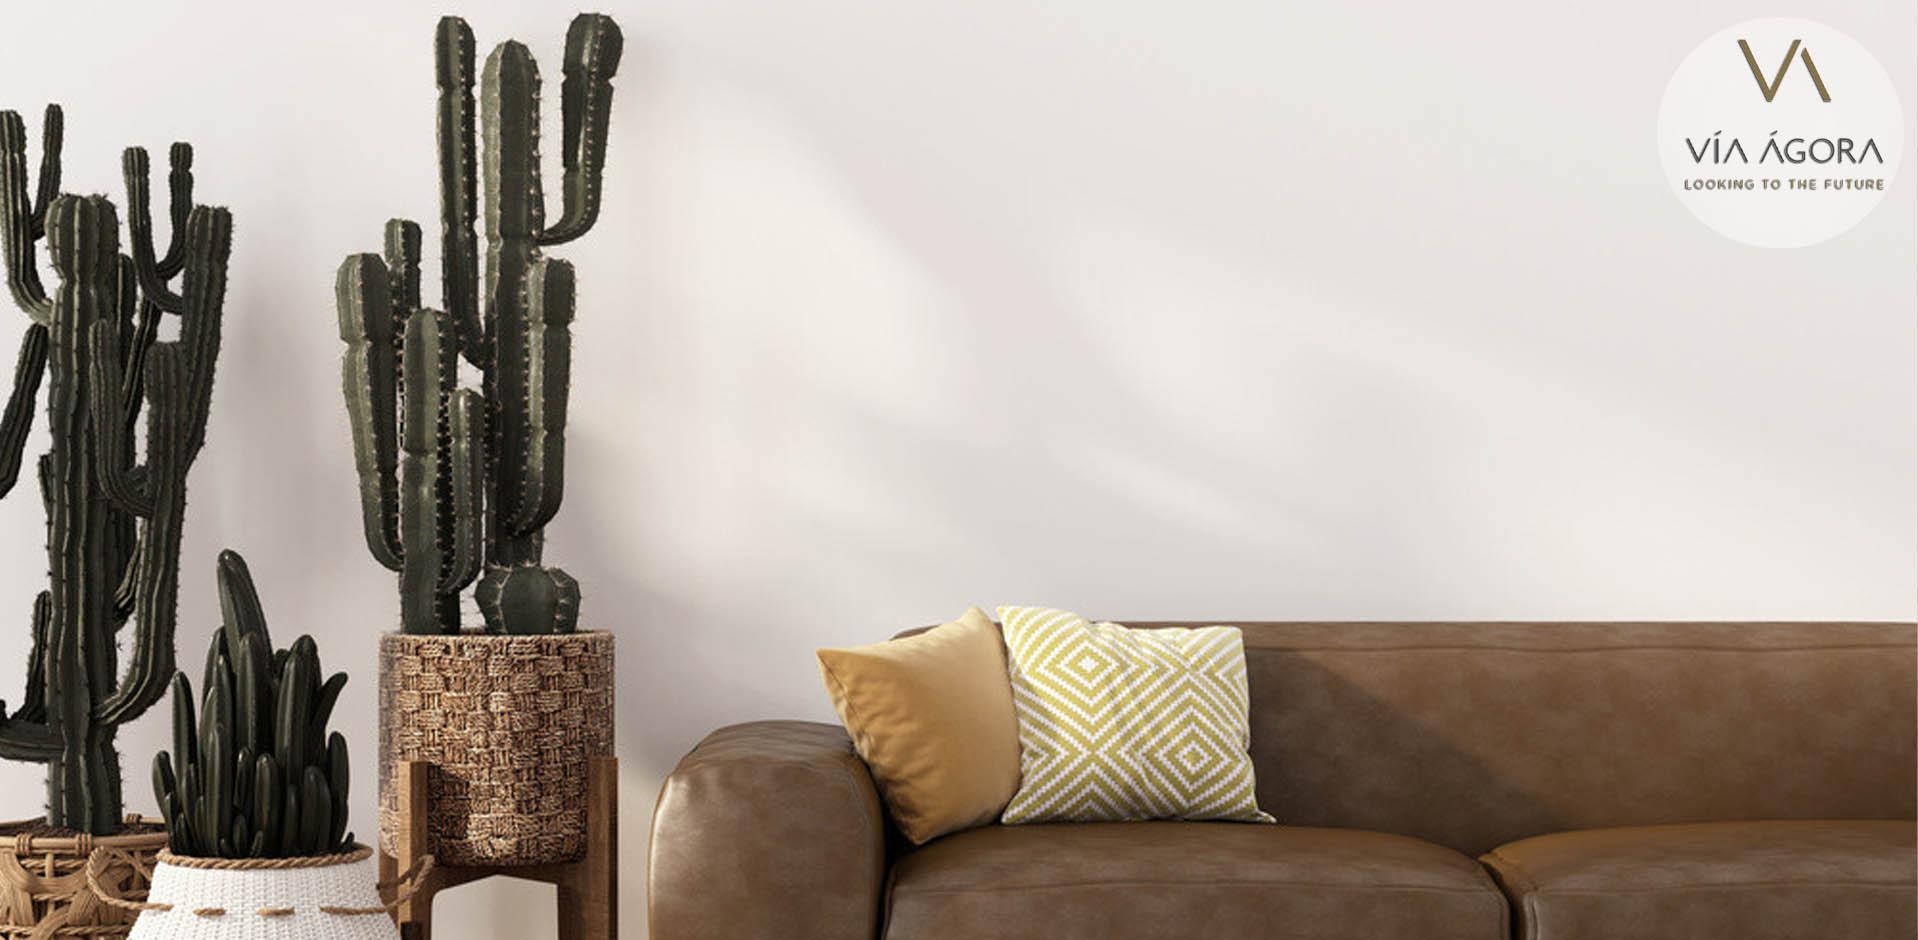 cactus-via-agora